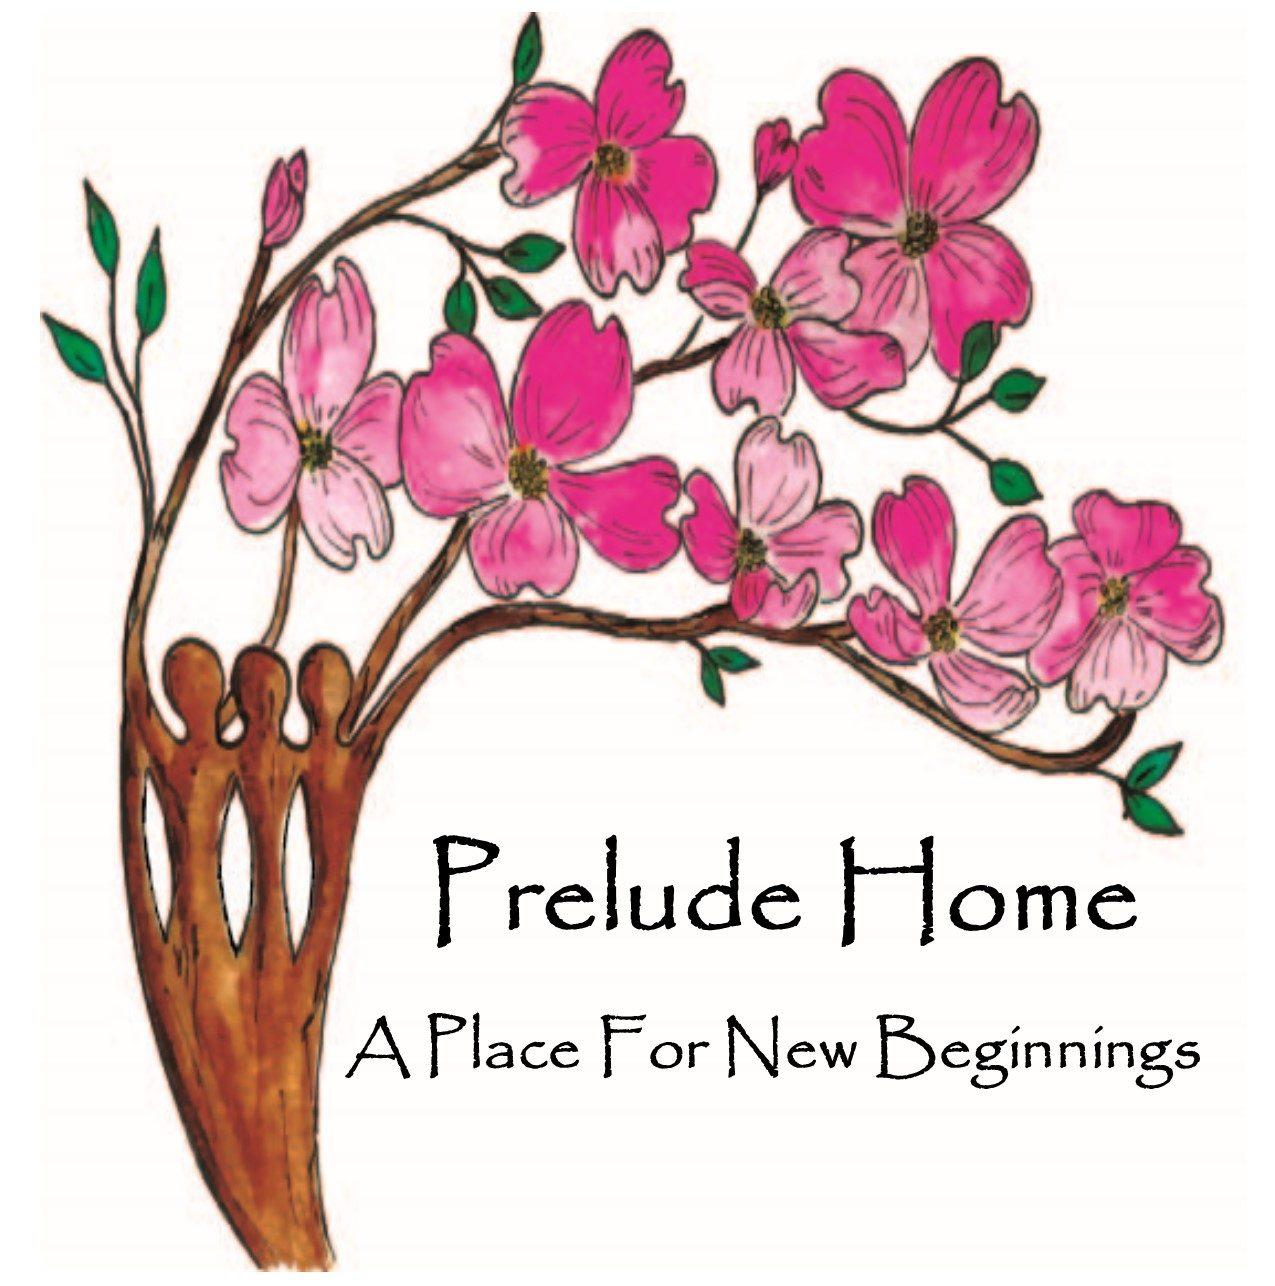 prelude home